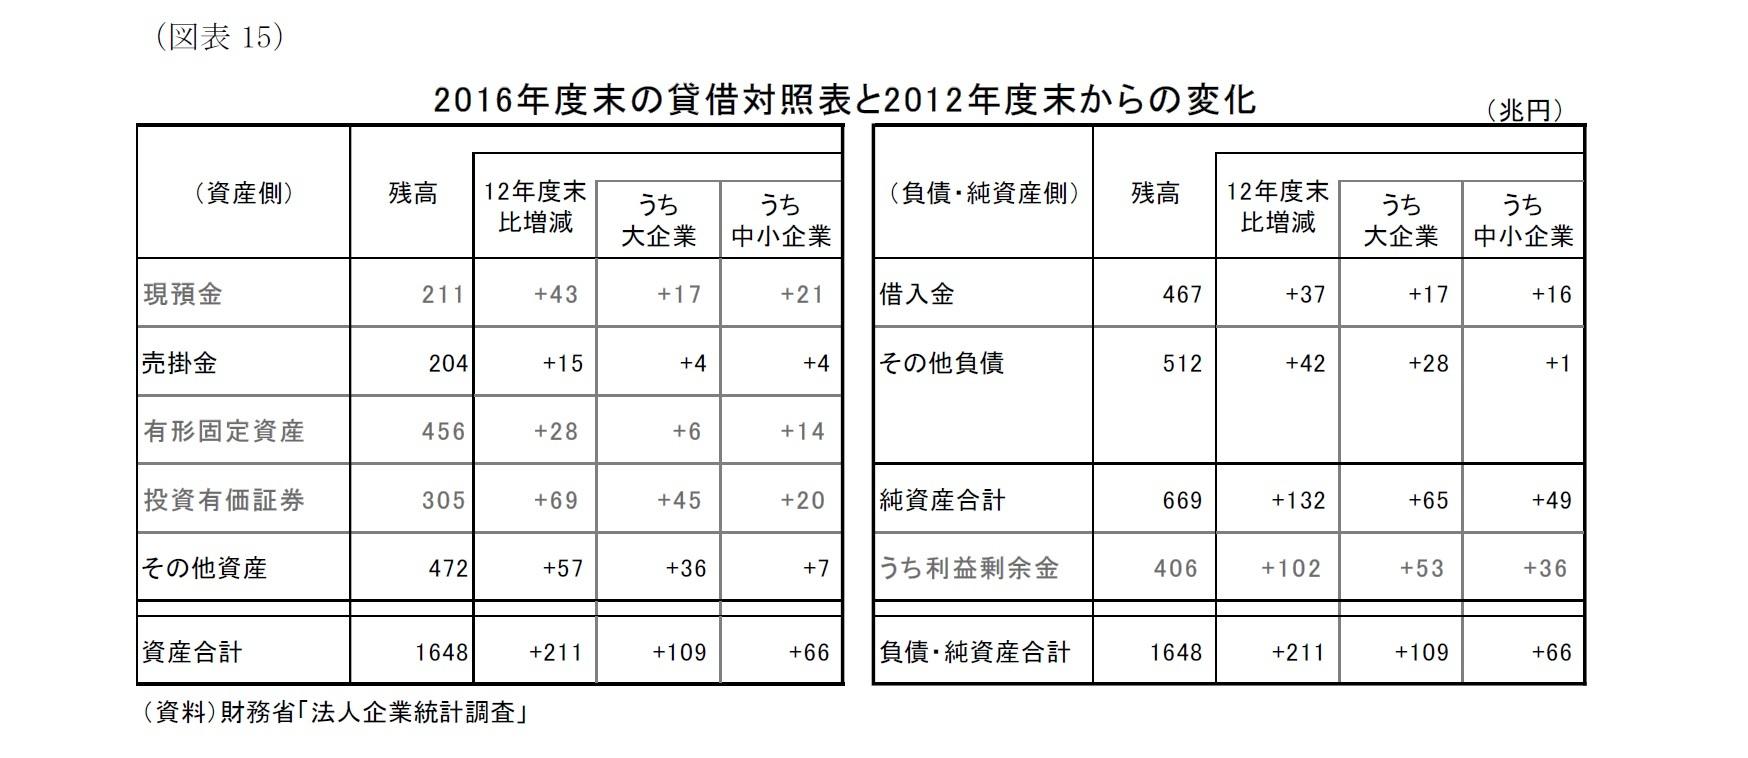 (図表15)2016年度末の貸借対照表と2012年度末からの変化